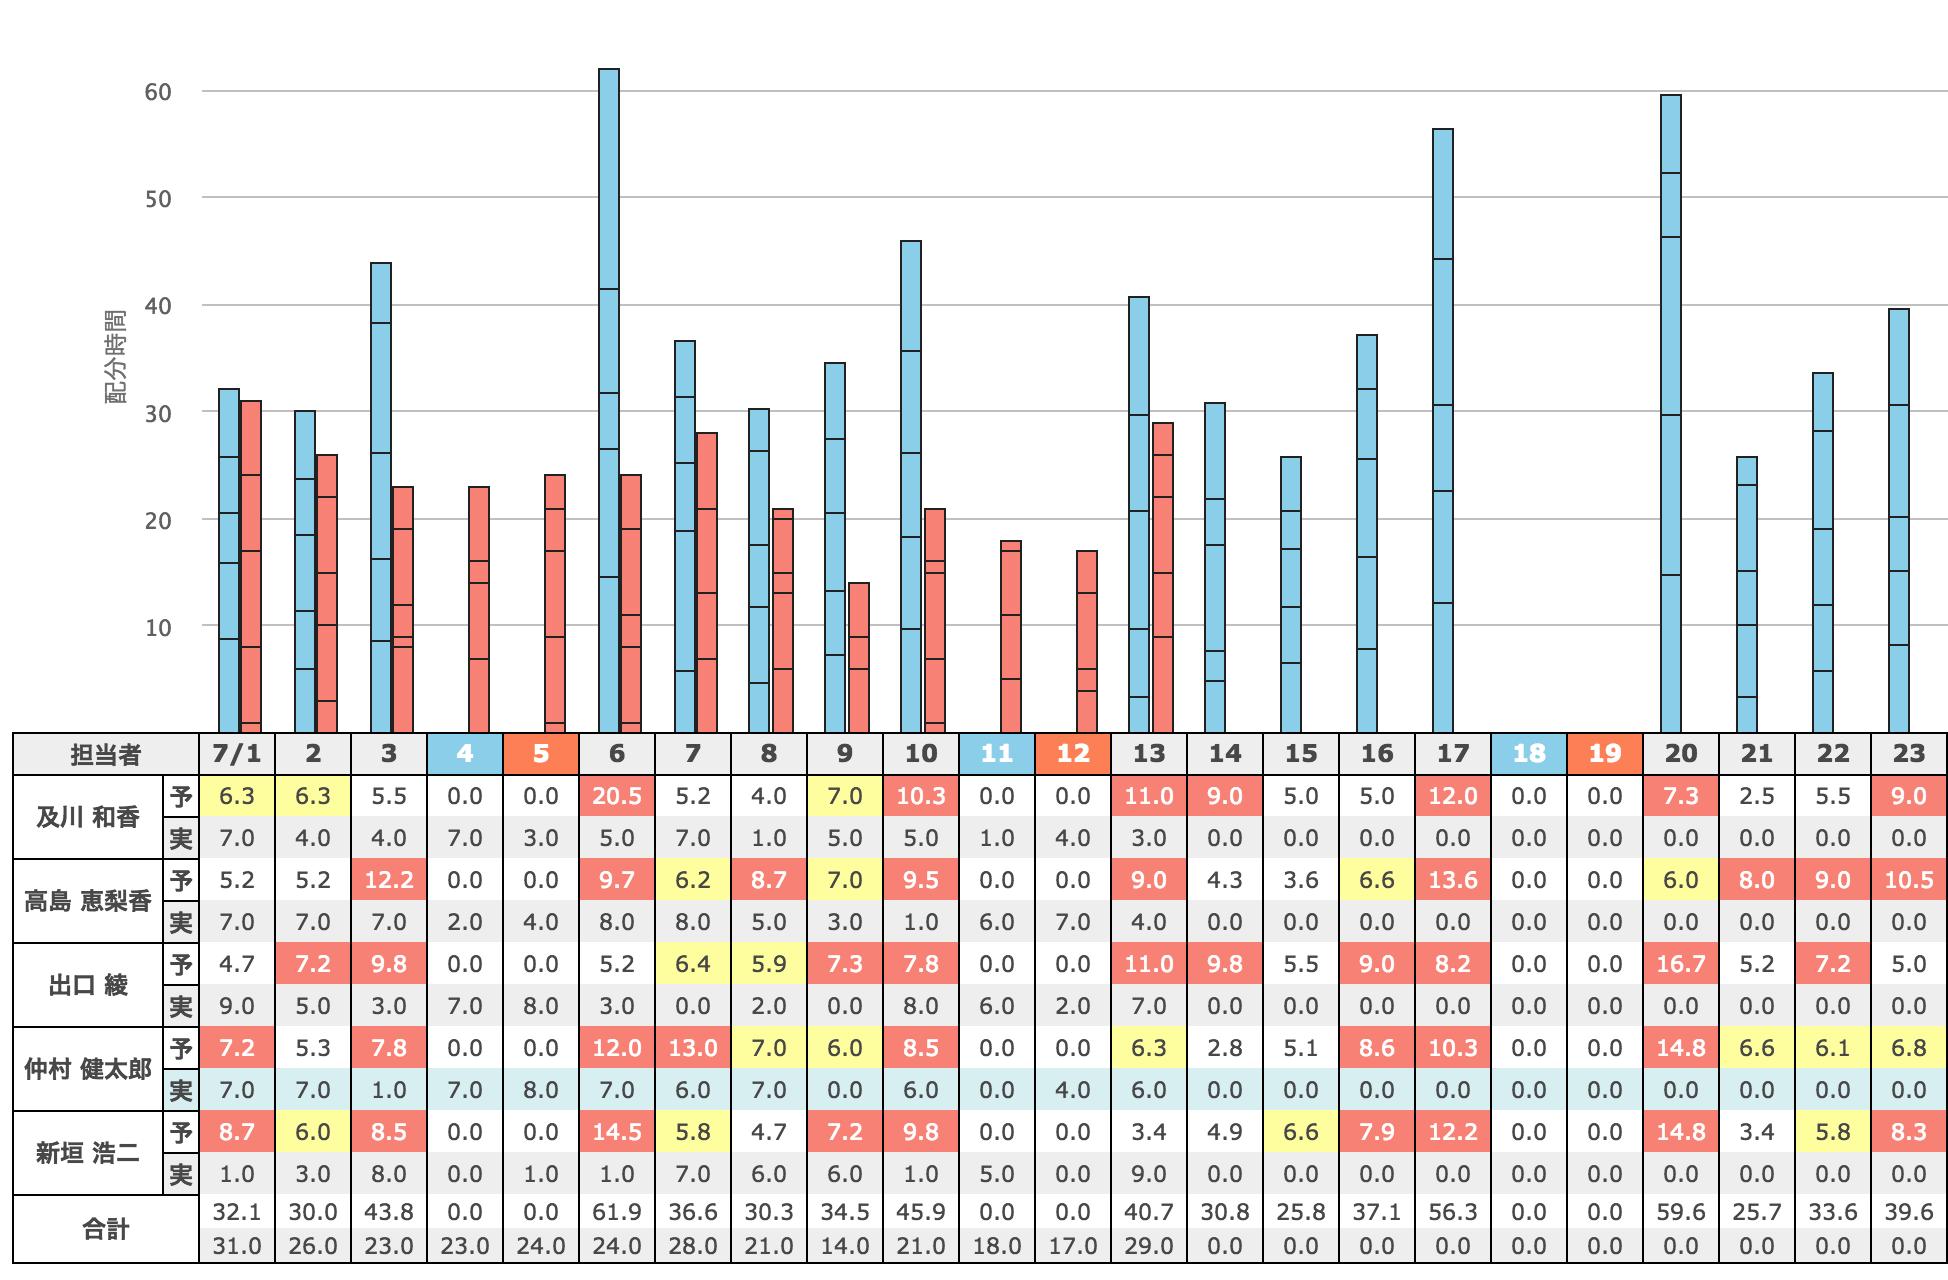 稼働時間かんたんスケジュール管理で予実のマッチも実現可能。グラフひとつで稼働状況が手に取るよう。